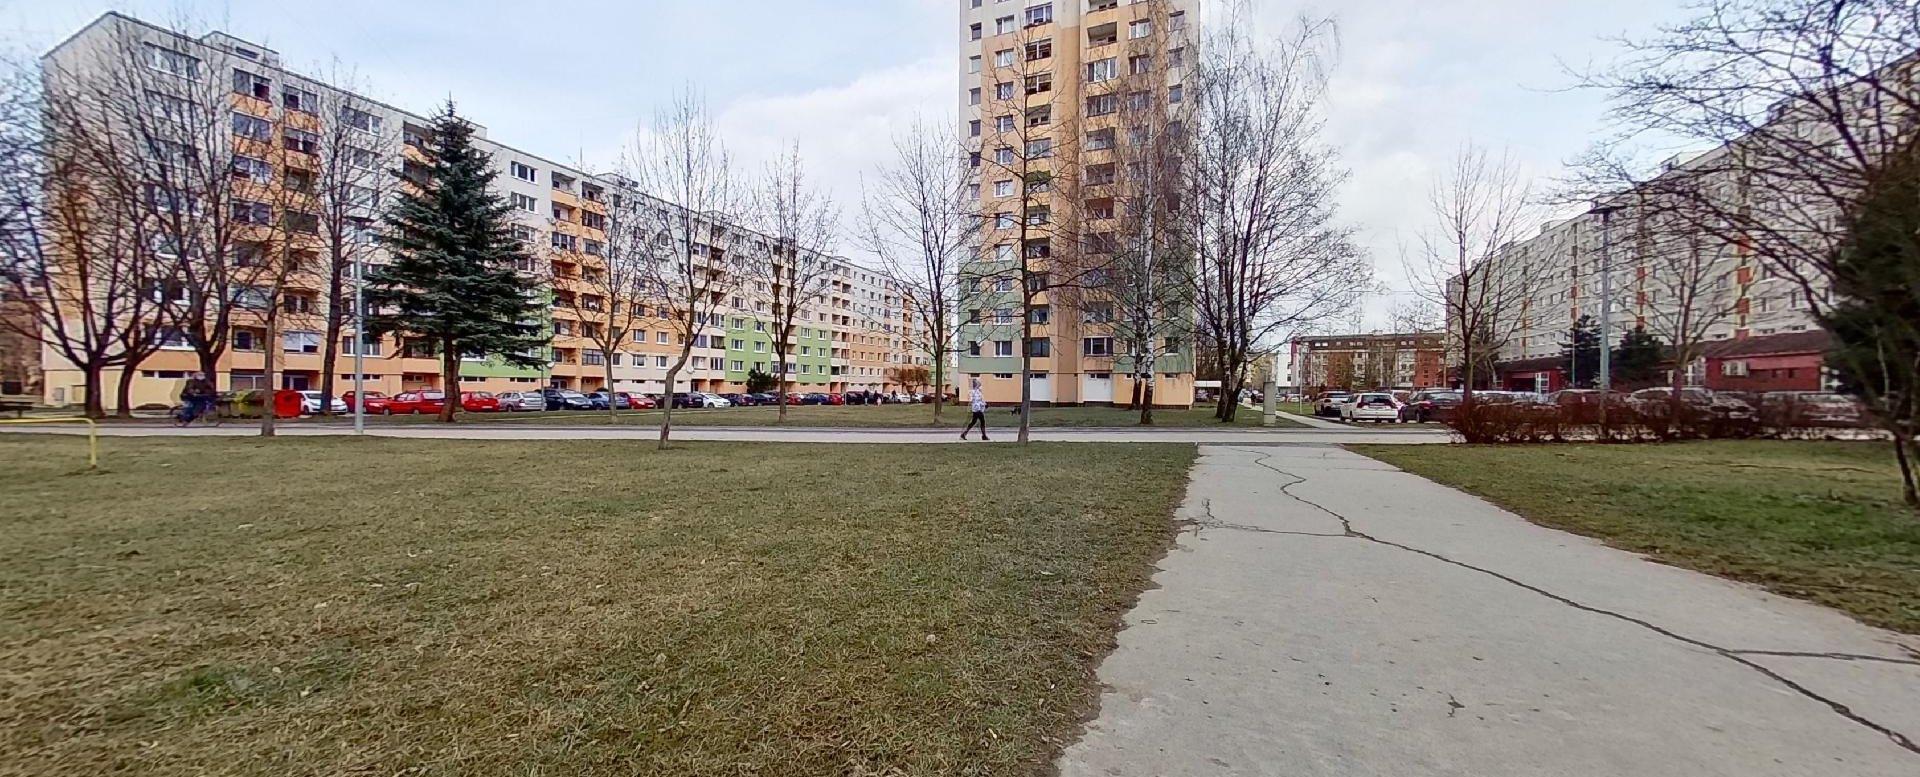 Okolie bytového domu